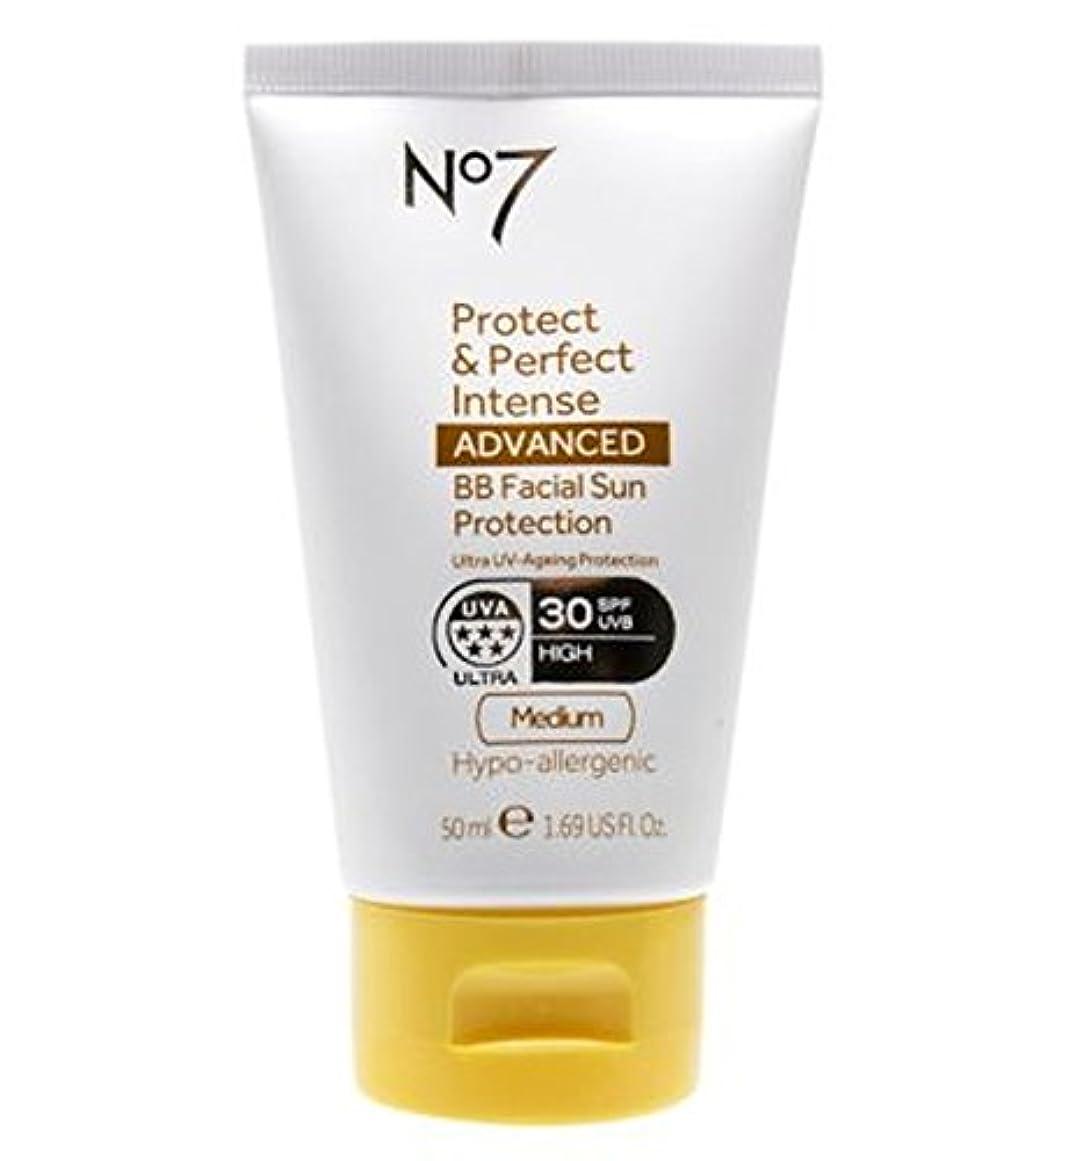 サイトライン慈善領域No7保護&完璧な強烈な先進Bb顔の日焼け防止Spf30培地50ミリリットル (No7) (x2) - No7 Protect & Perfect Intense ADVANCED BB Facial Sun Protection...